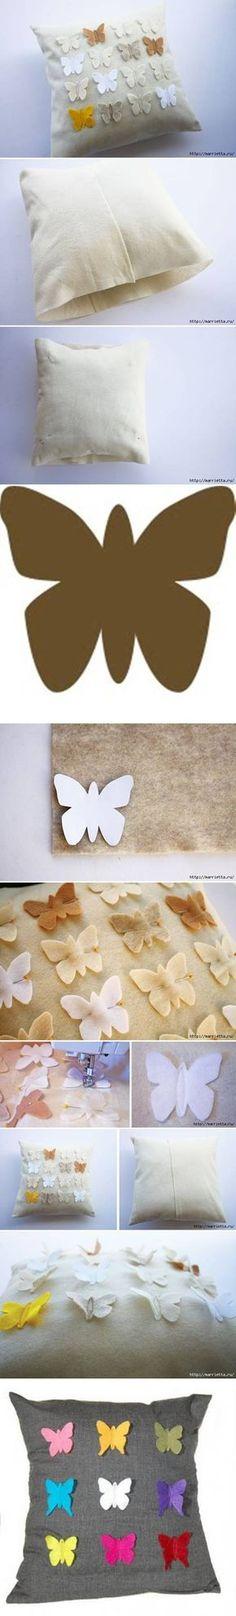 DIY de la mariposa de almohada cubierta proyectos de bricolaje